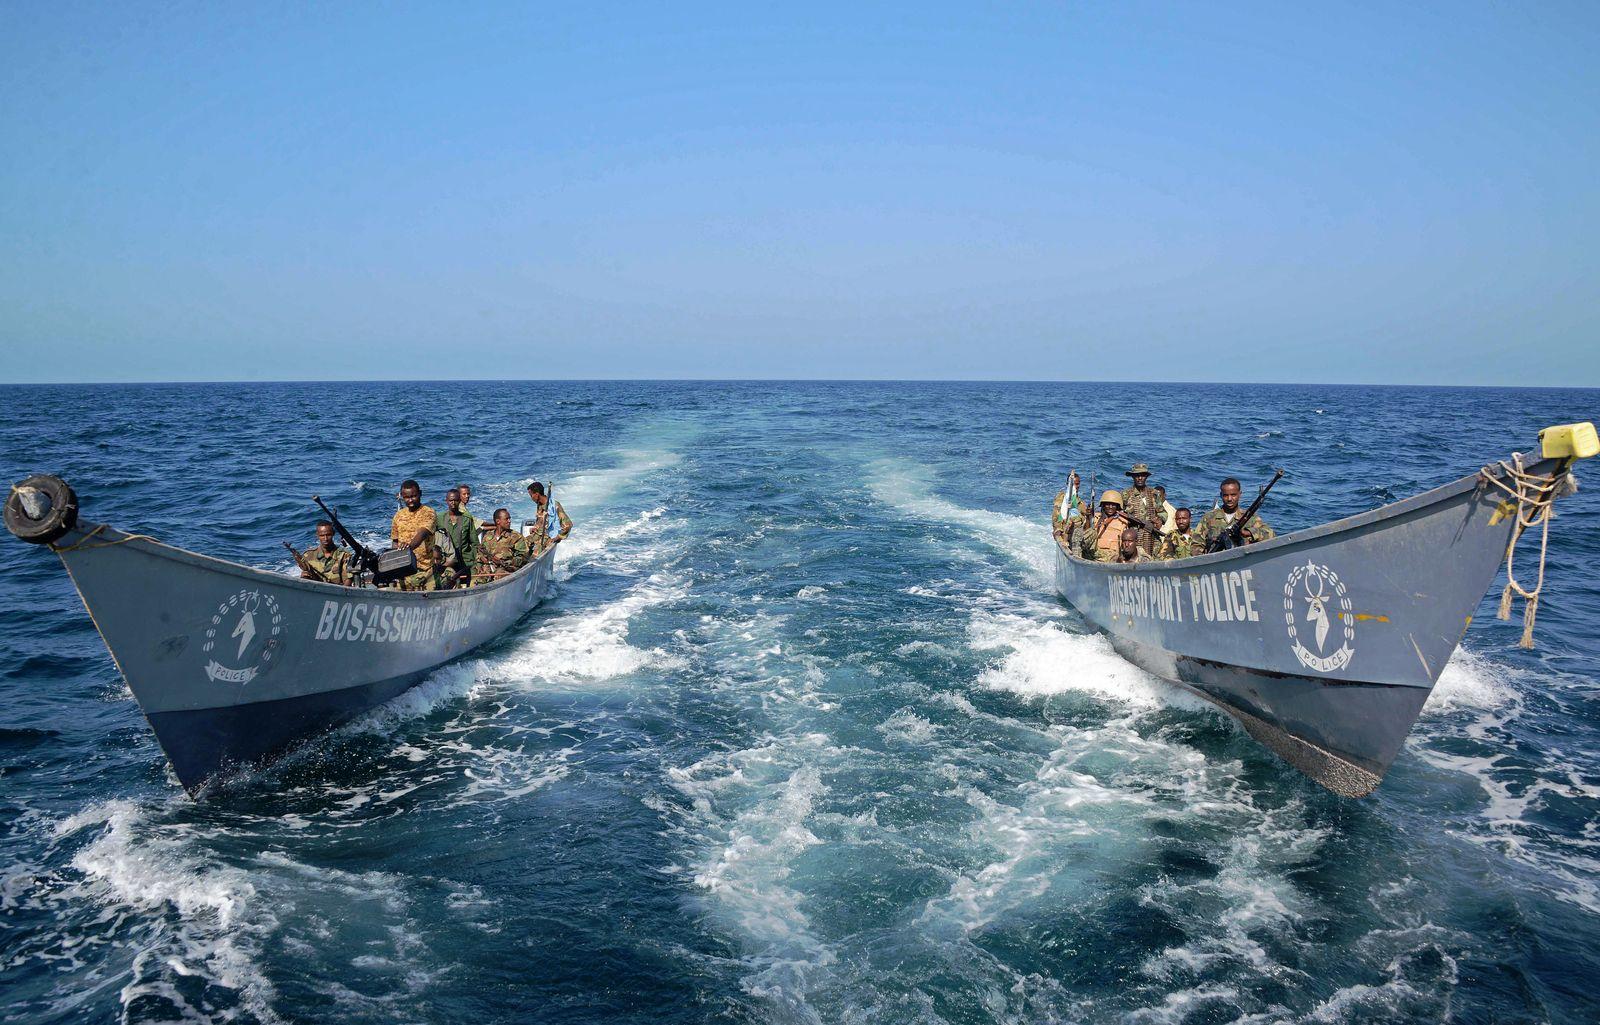 SOMALIA-SEA-PATROL